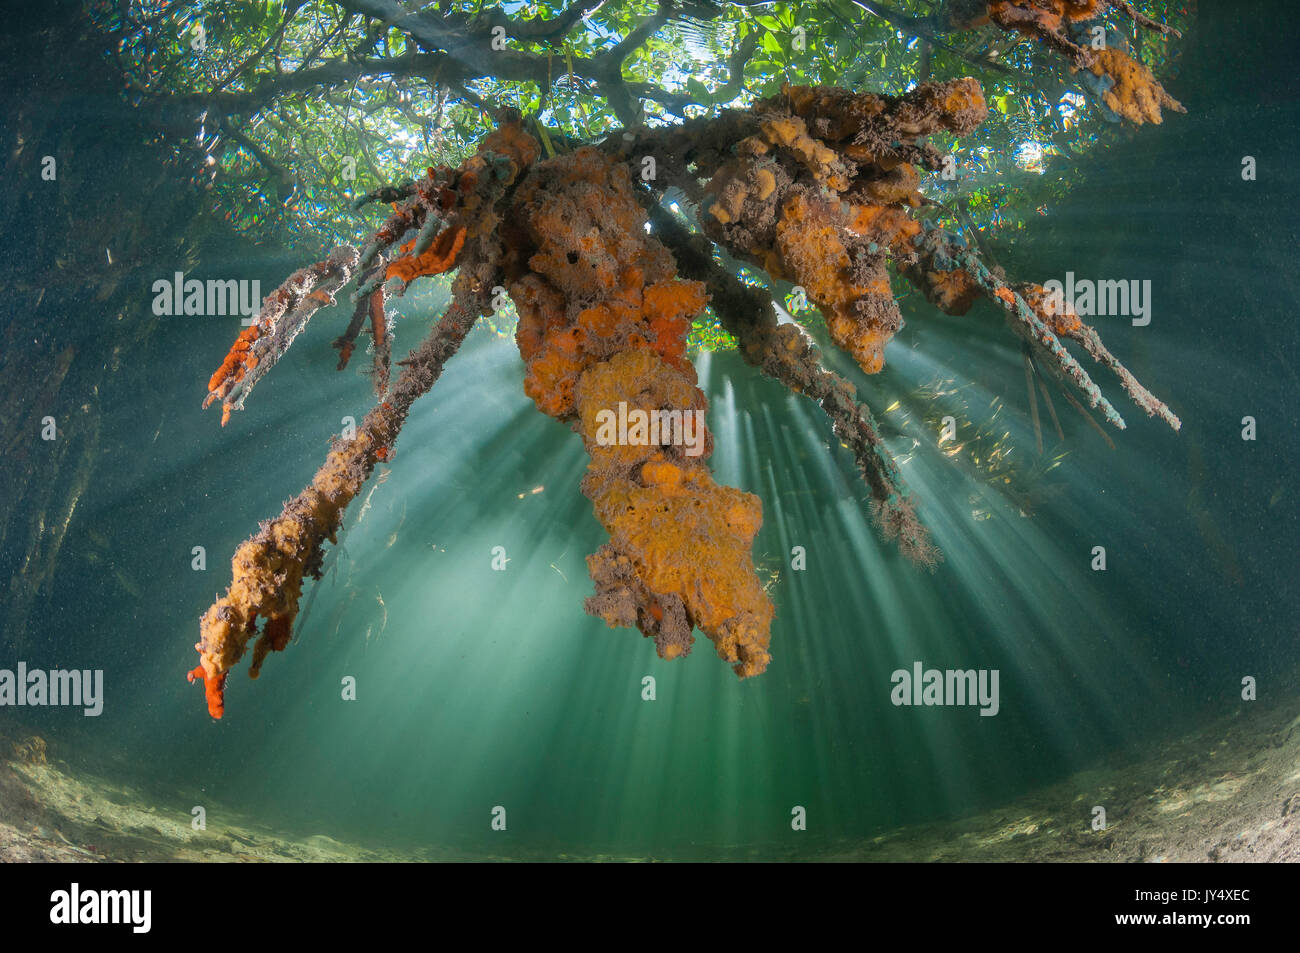 Regardant les coraux mous et les arbres comme les rayons du soleil filtrent à travers l'eau dans la zone de mangrove de jardins du Queens, à Cuba. Photo Stock